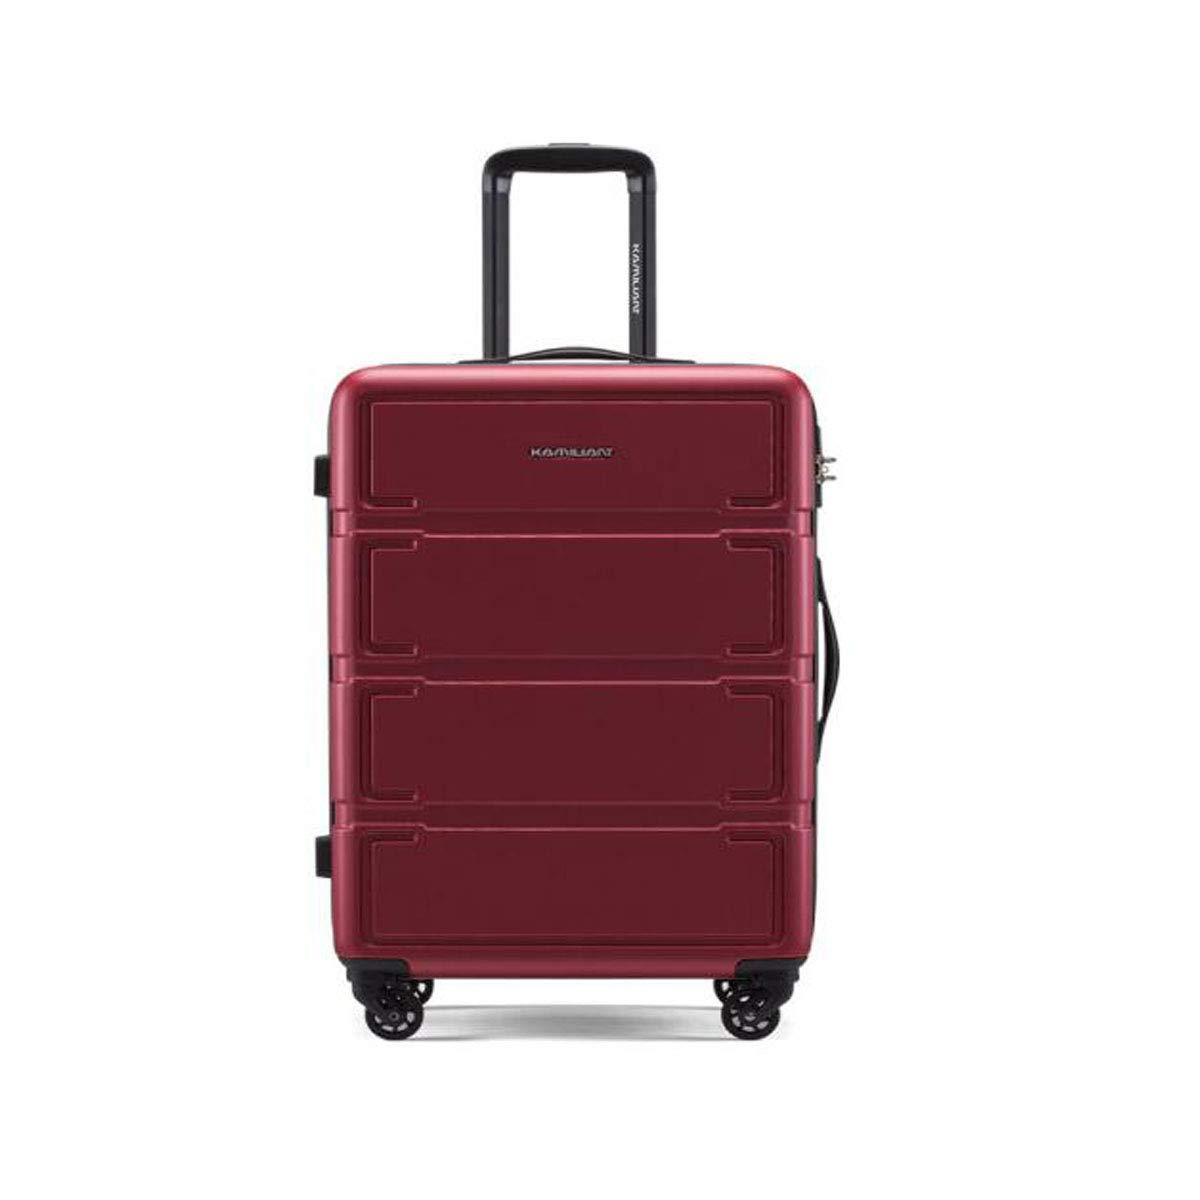 Aishanghuayi トロリーケース 2ピース スーツケース 回転式ハードケース ブラック サイズ (36 24 58) cm (カラー:ワインレッド サイズ:151024インチ) B07MT5WQ8G